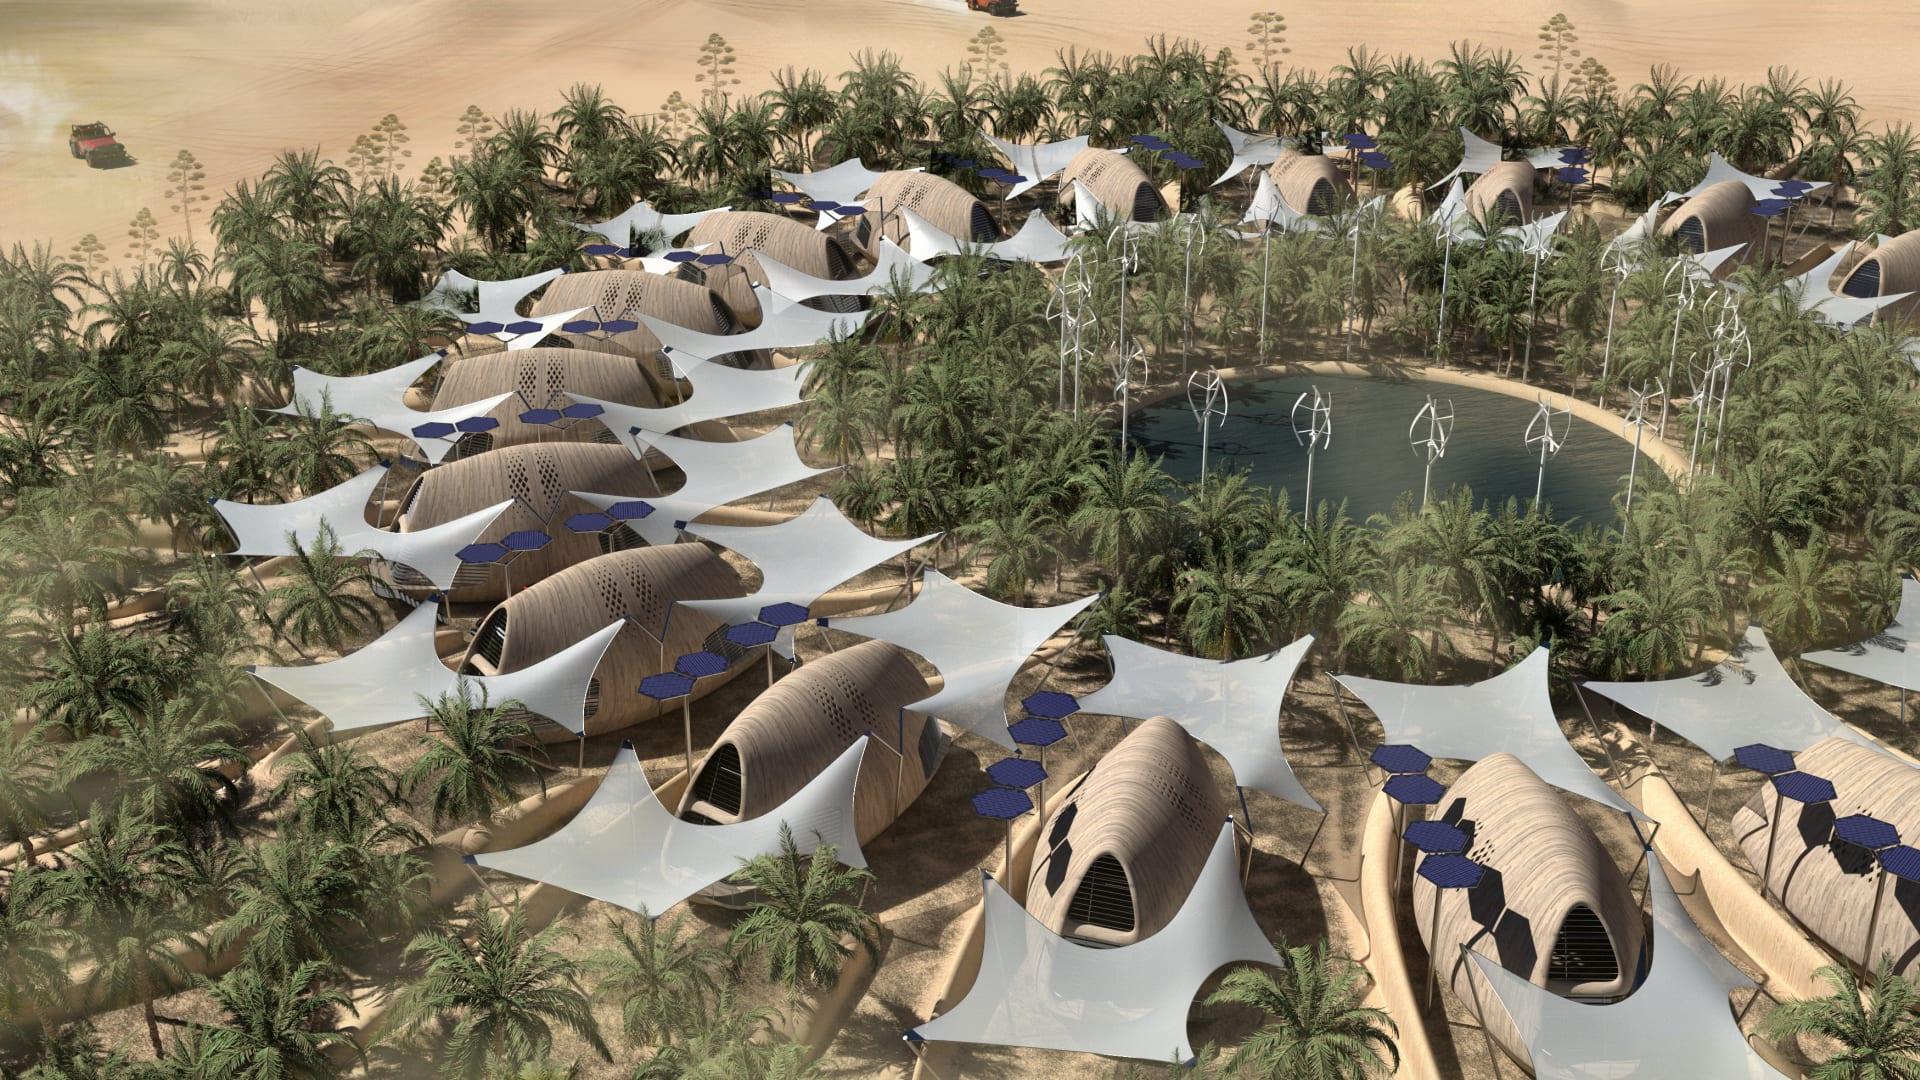 تبدو كواحة وسط الصحراء..هل تشكل هذه المقصورات الحيوية الحل لمواجهة أوضاع الطقس المتطرفة؟